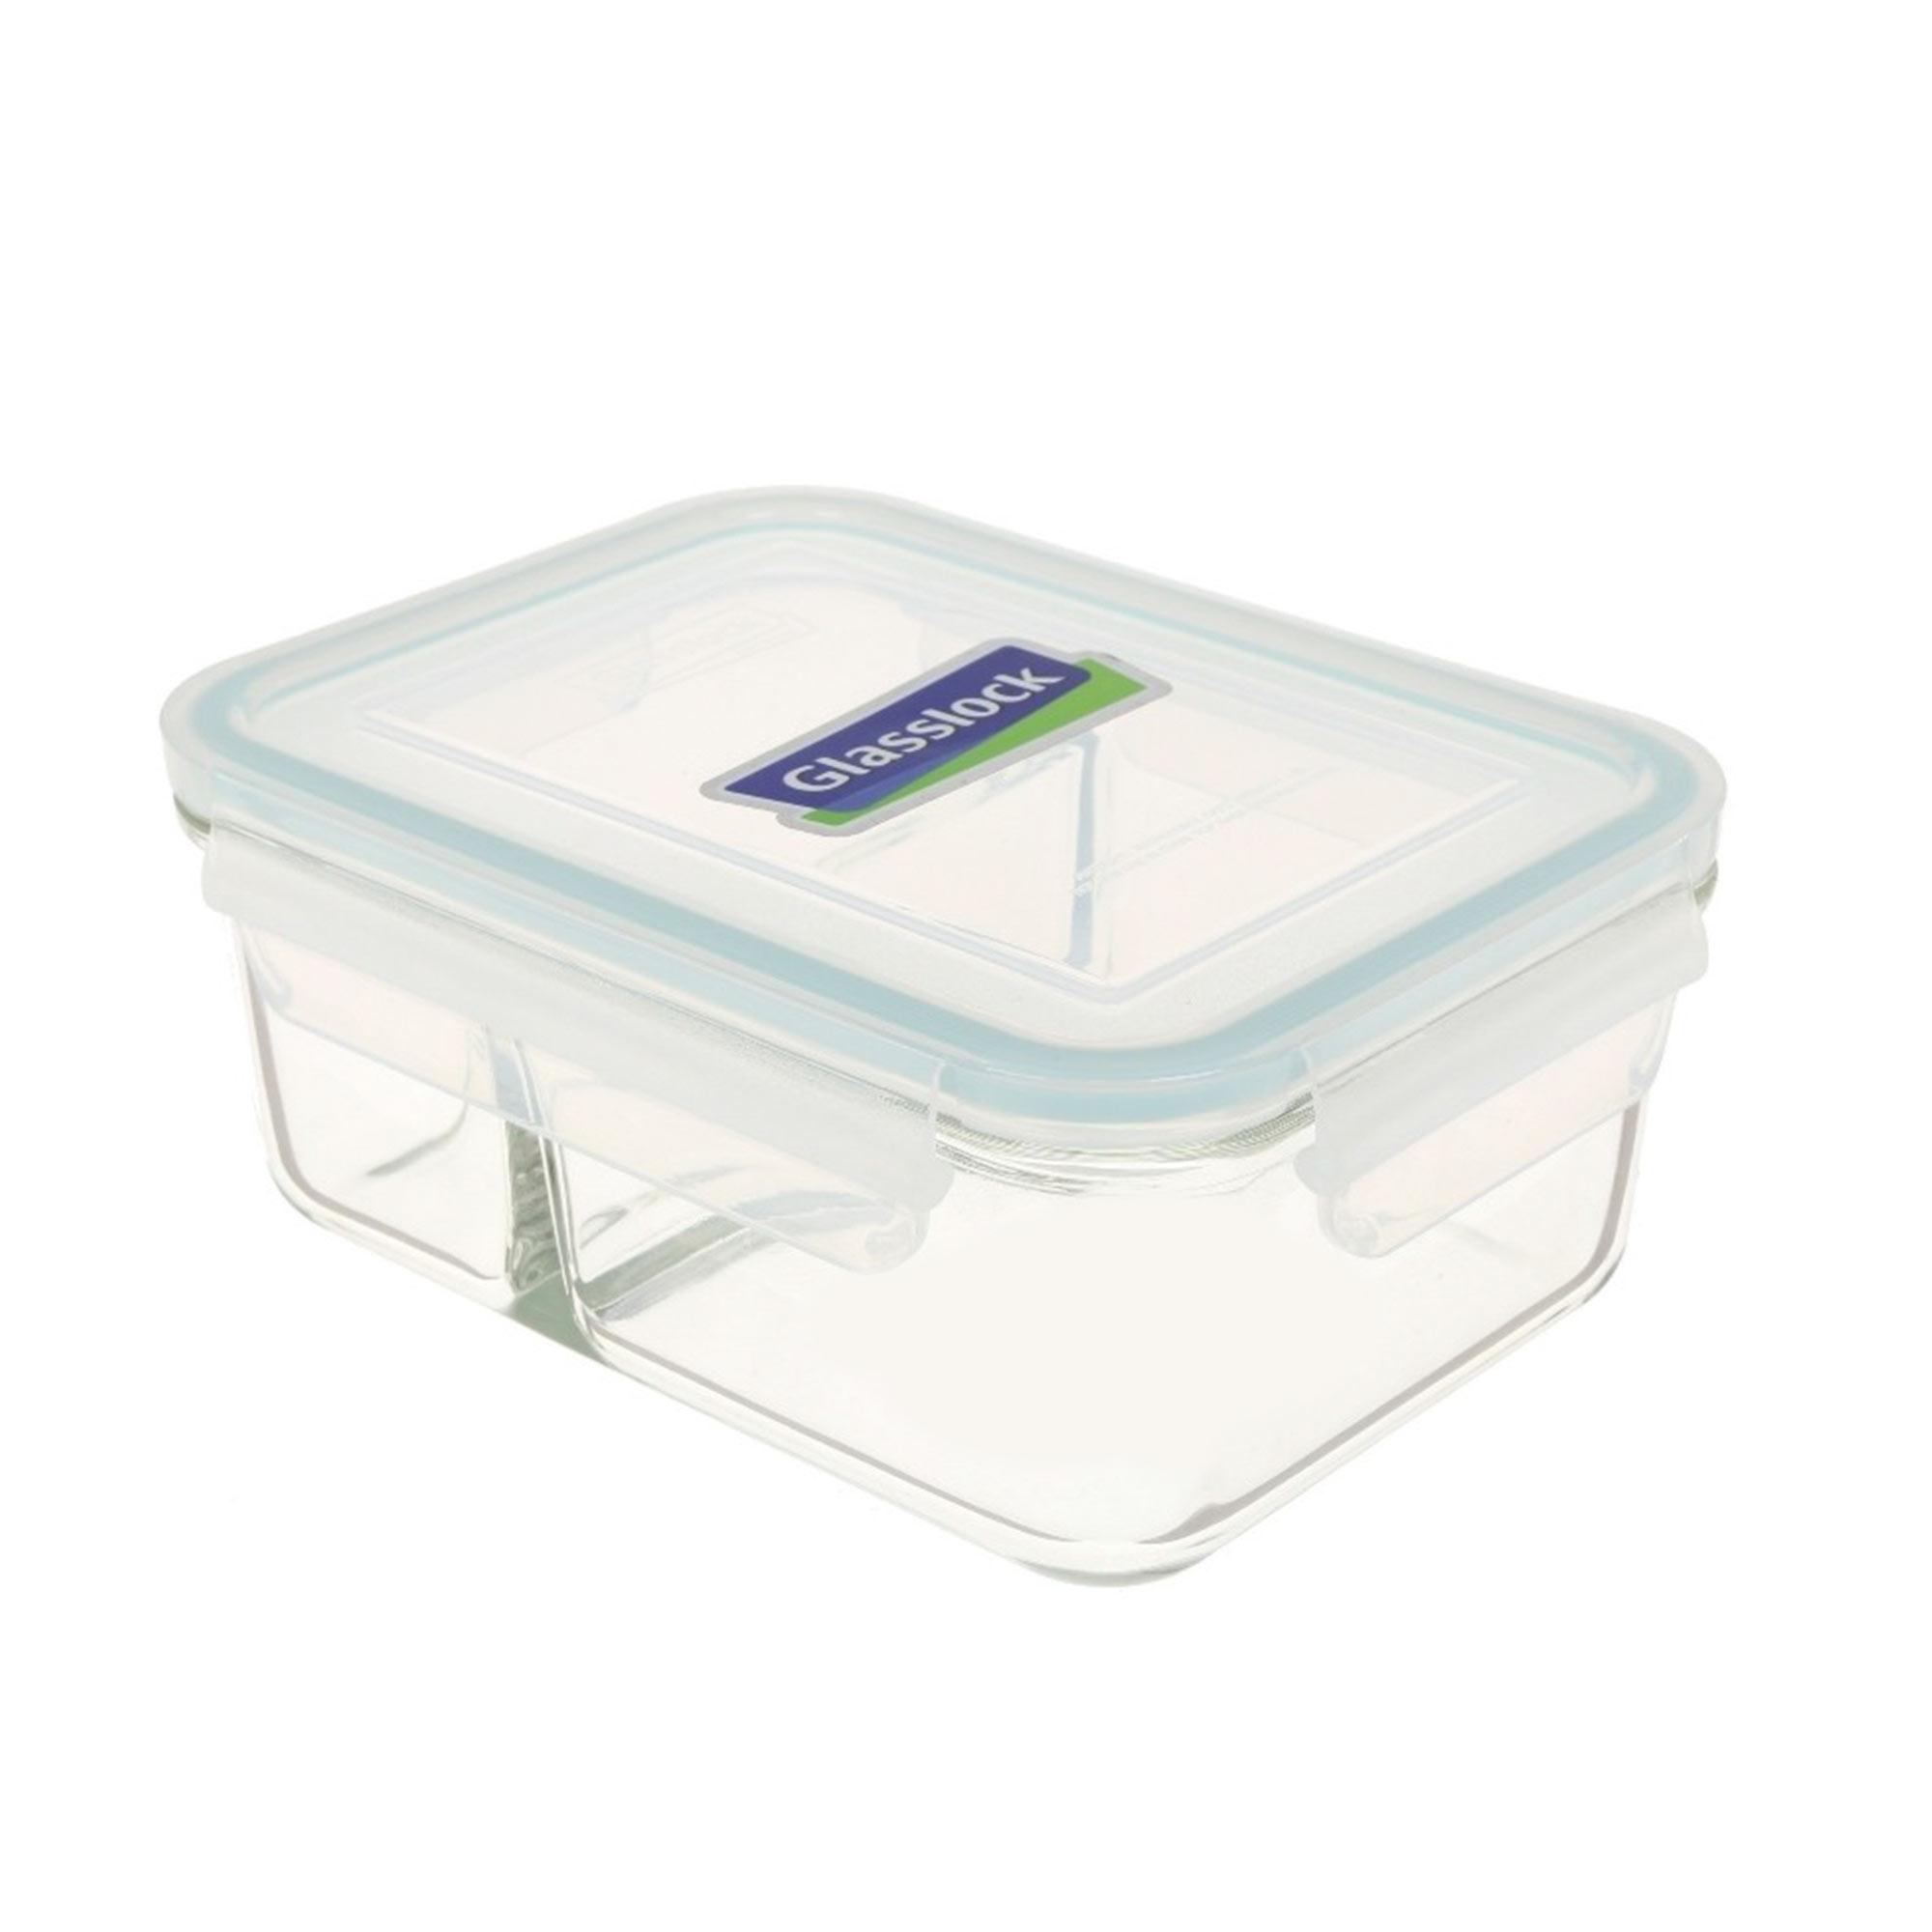 Фото - Контейнер пищевой Glasslock MCRK-100 1 л контейнер 1 48 л 16х6 8 см круглый occt 148 glasslock